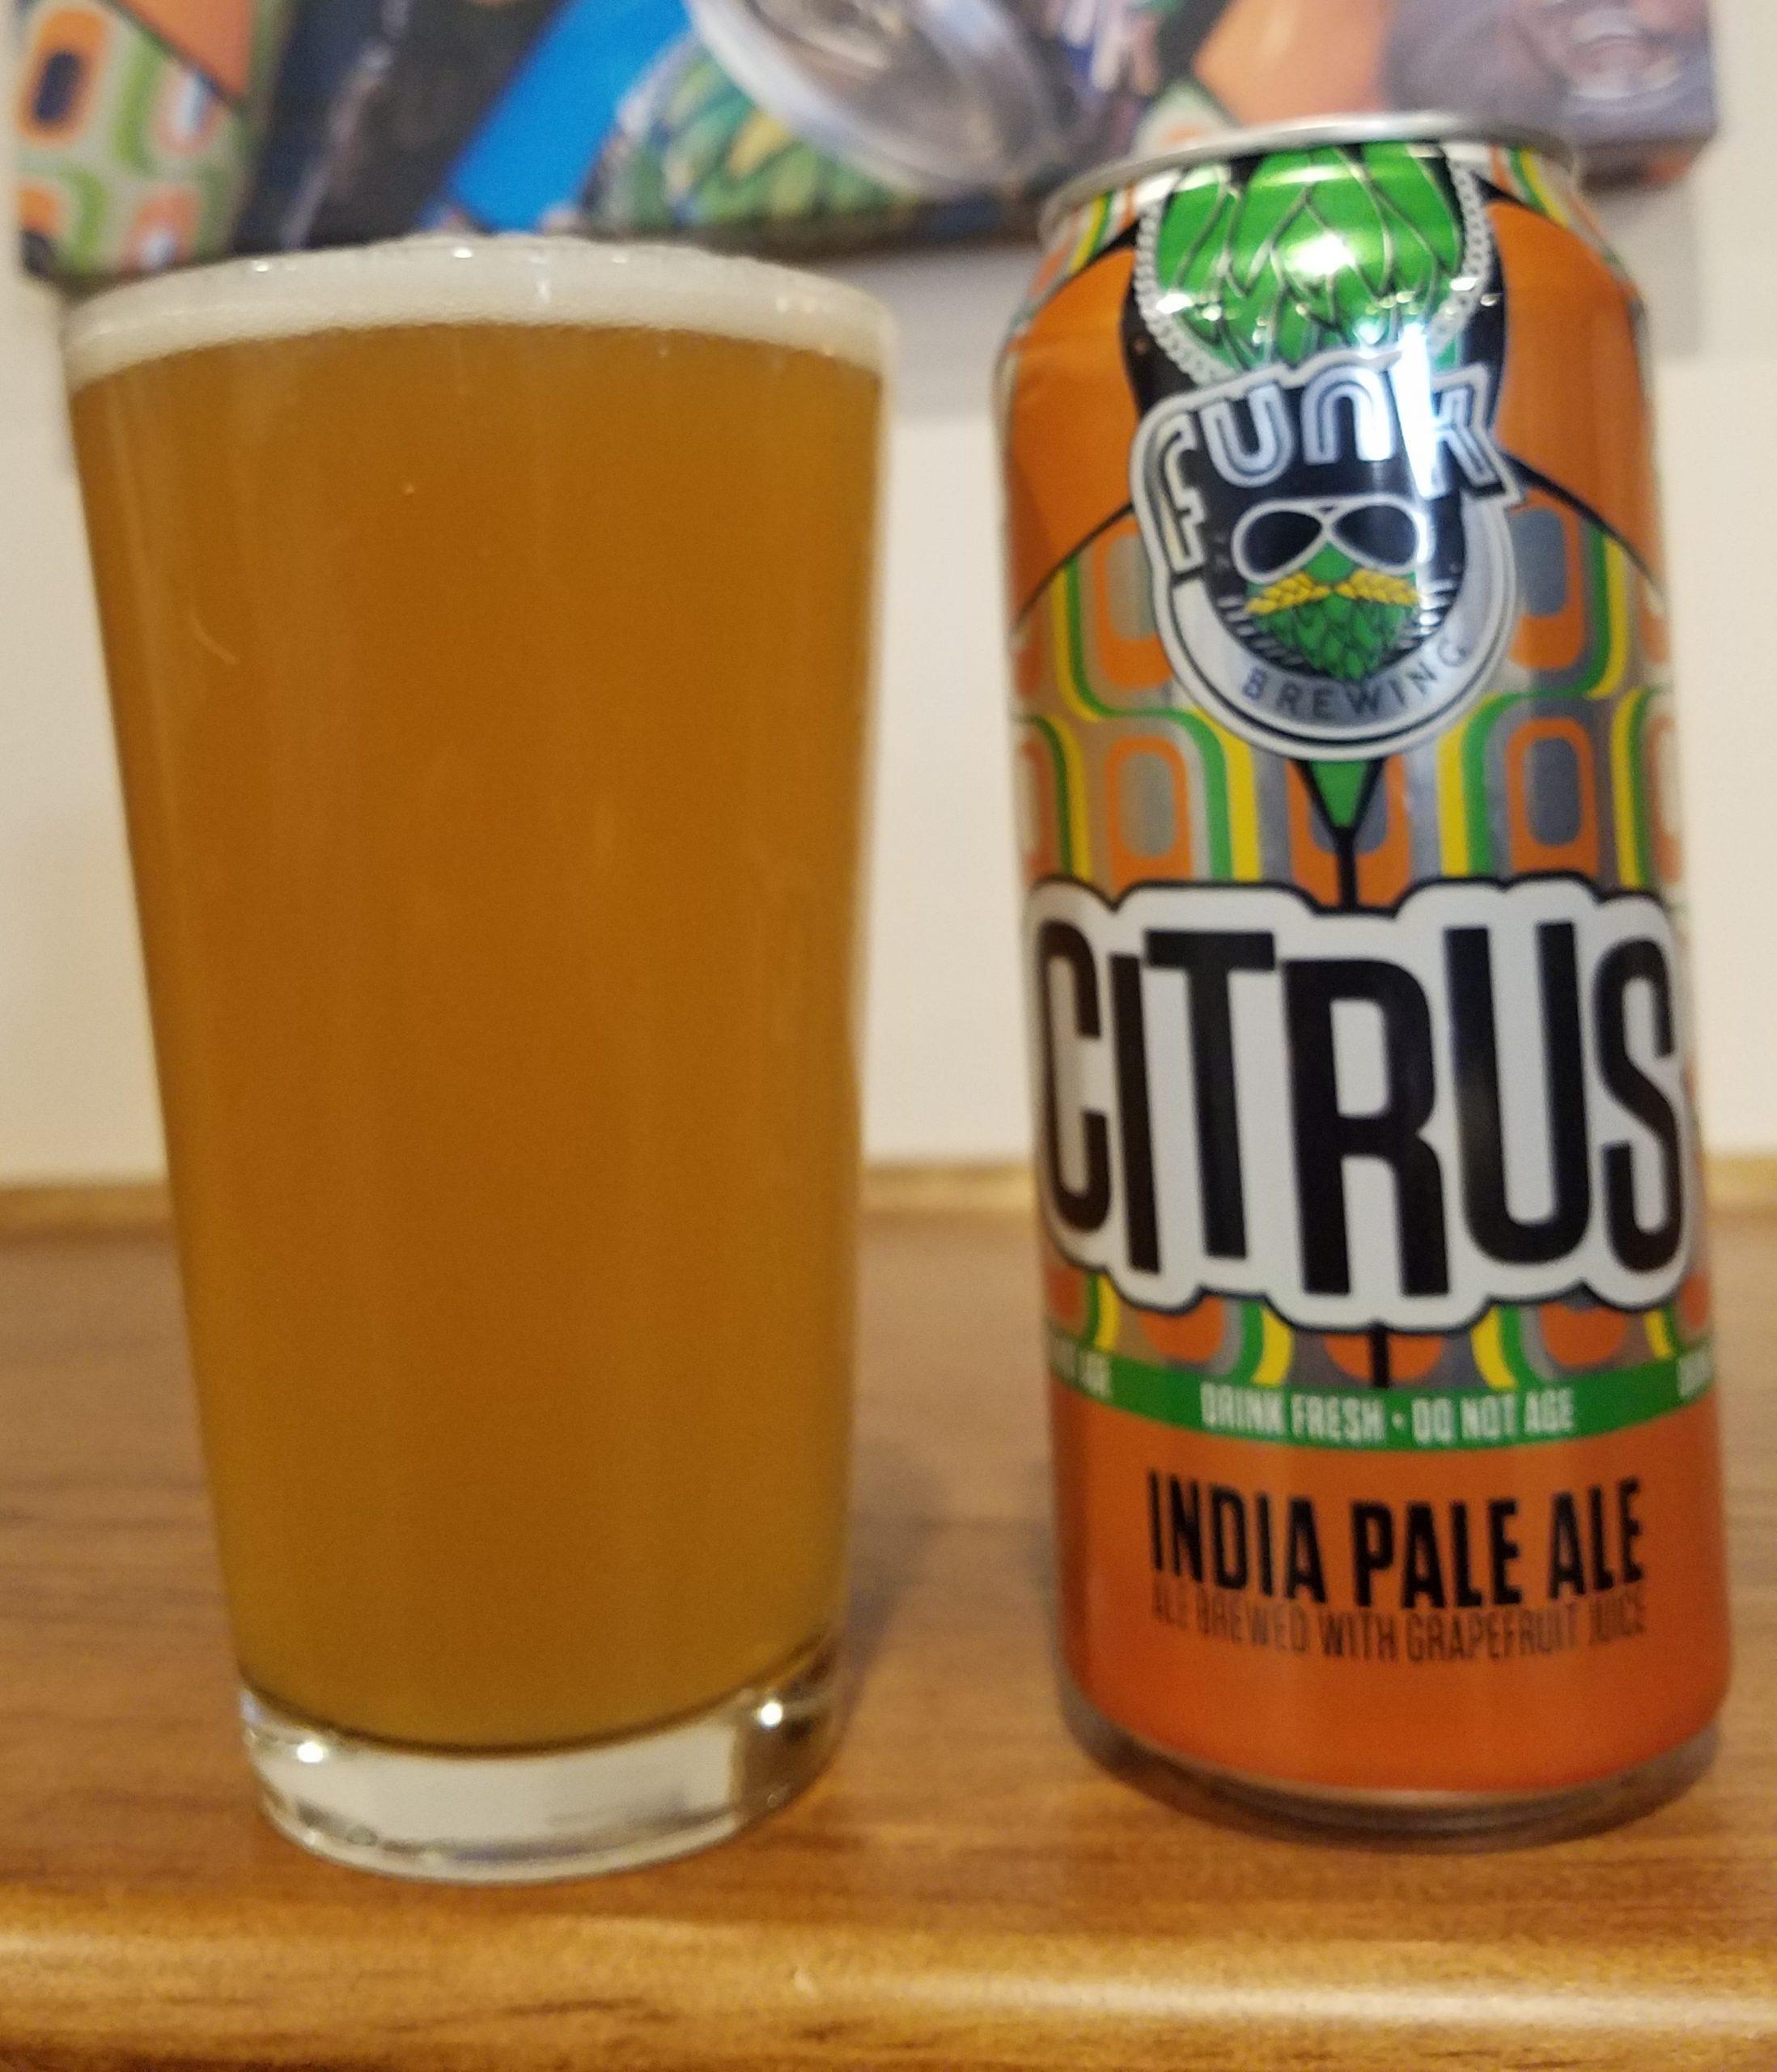 Citrus IPA